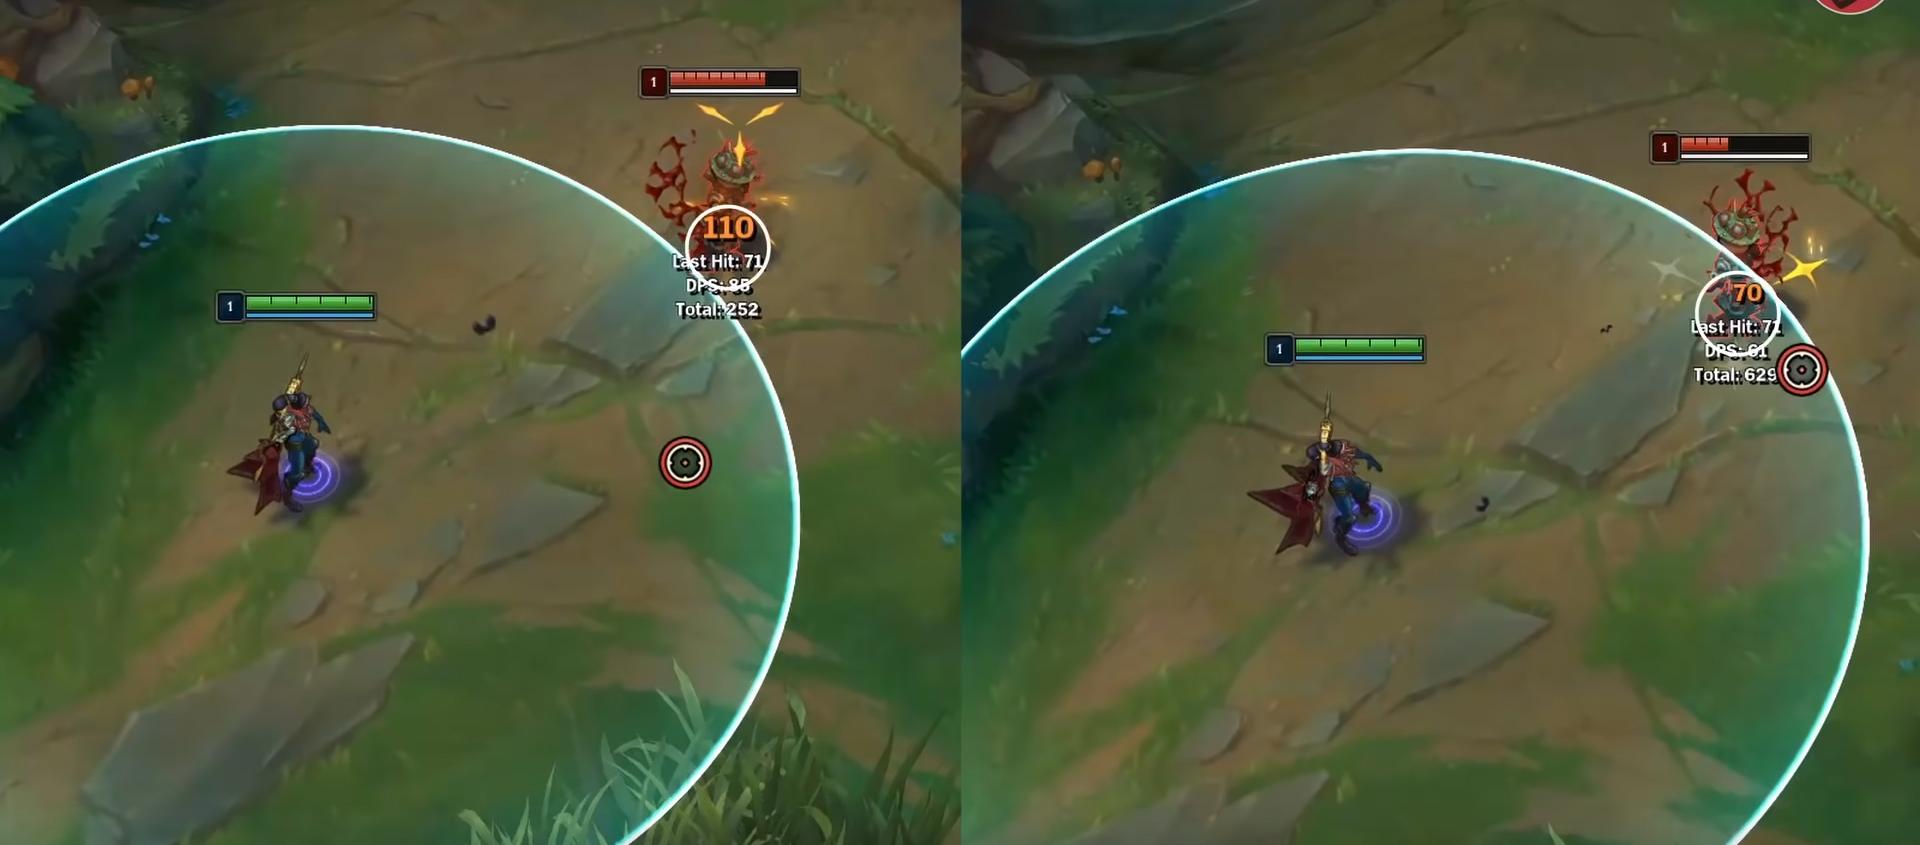 Diferencias en el rango de ataque del LoL